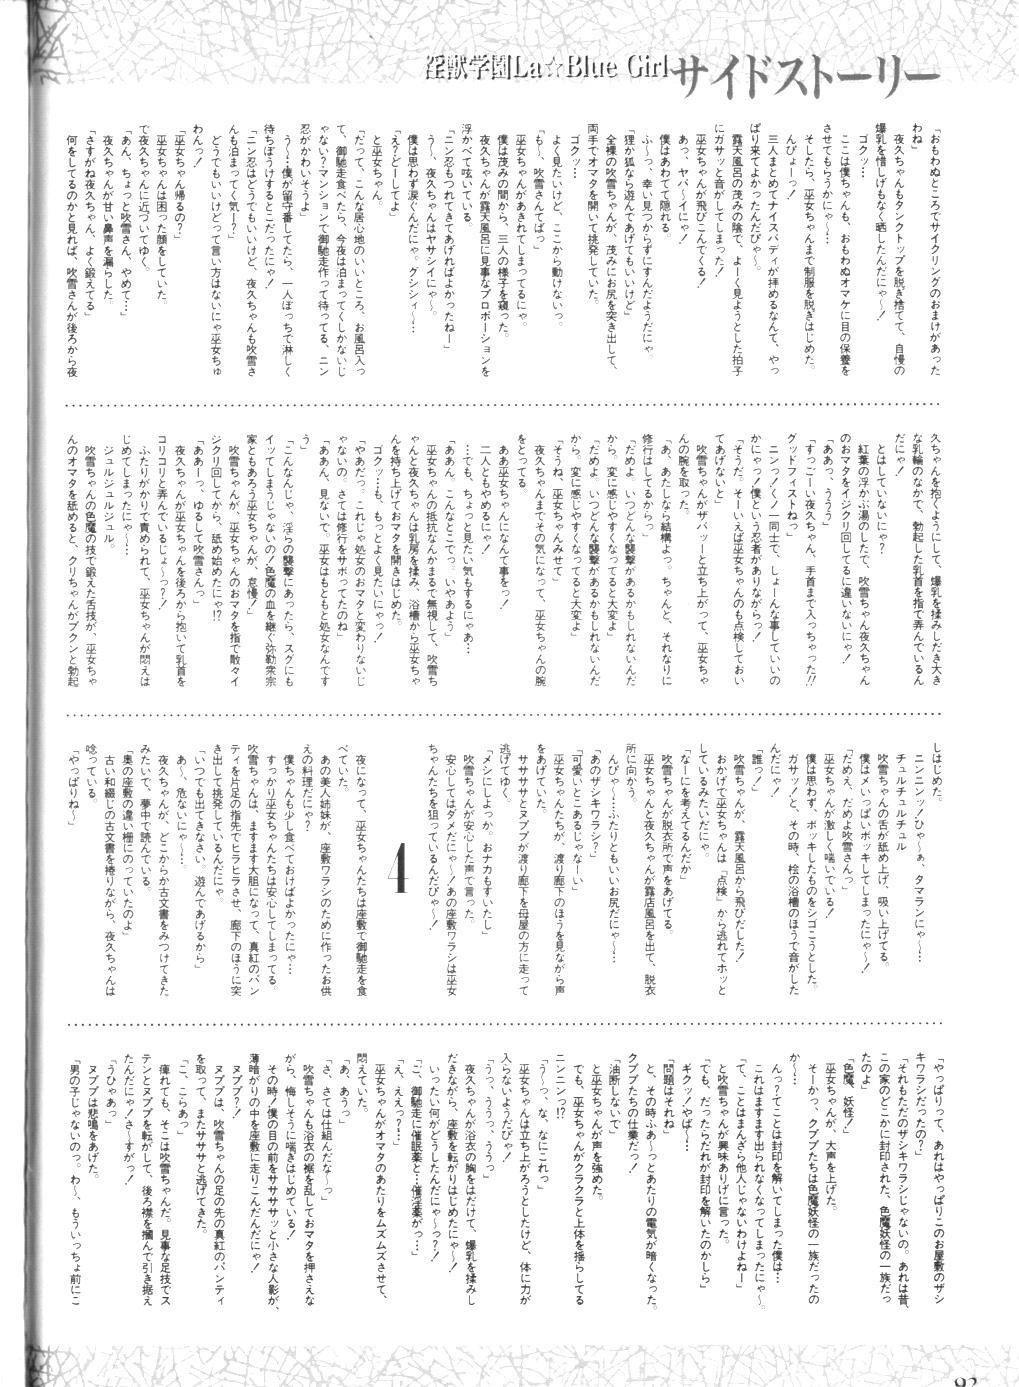 Injuu Gakuen You no Shou Secret File 87